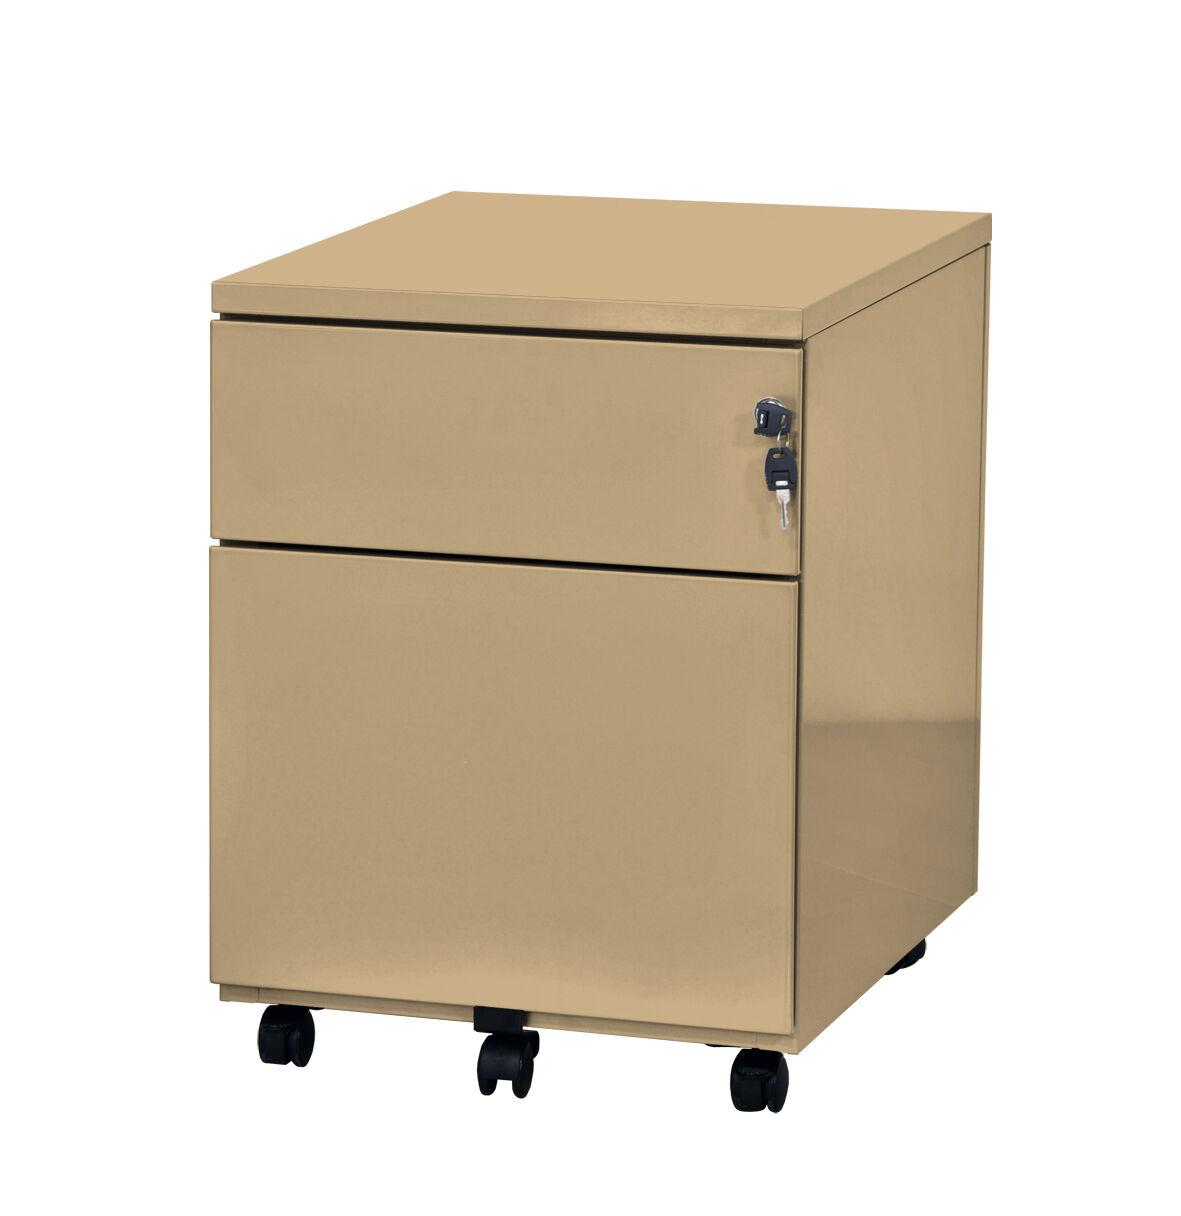 Caisson mobile - 2 tiroirs - beige - 56,7 x 54,1 x 41,8 cm